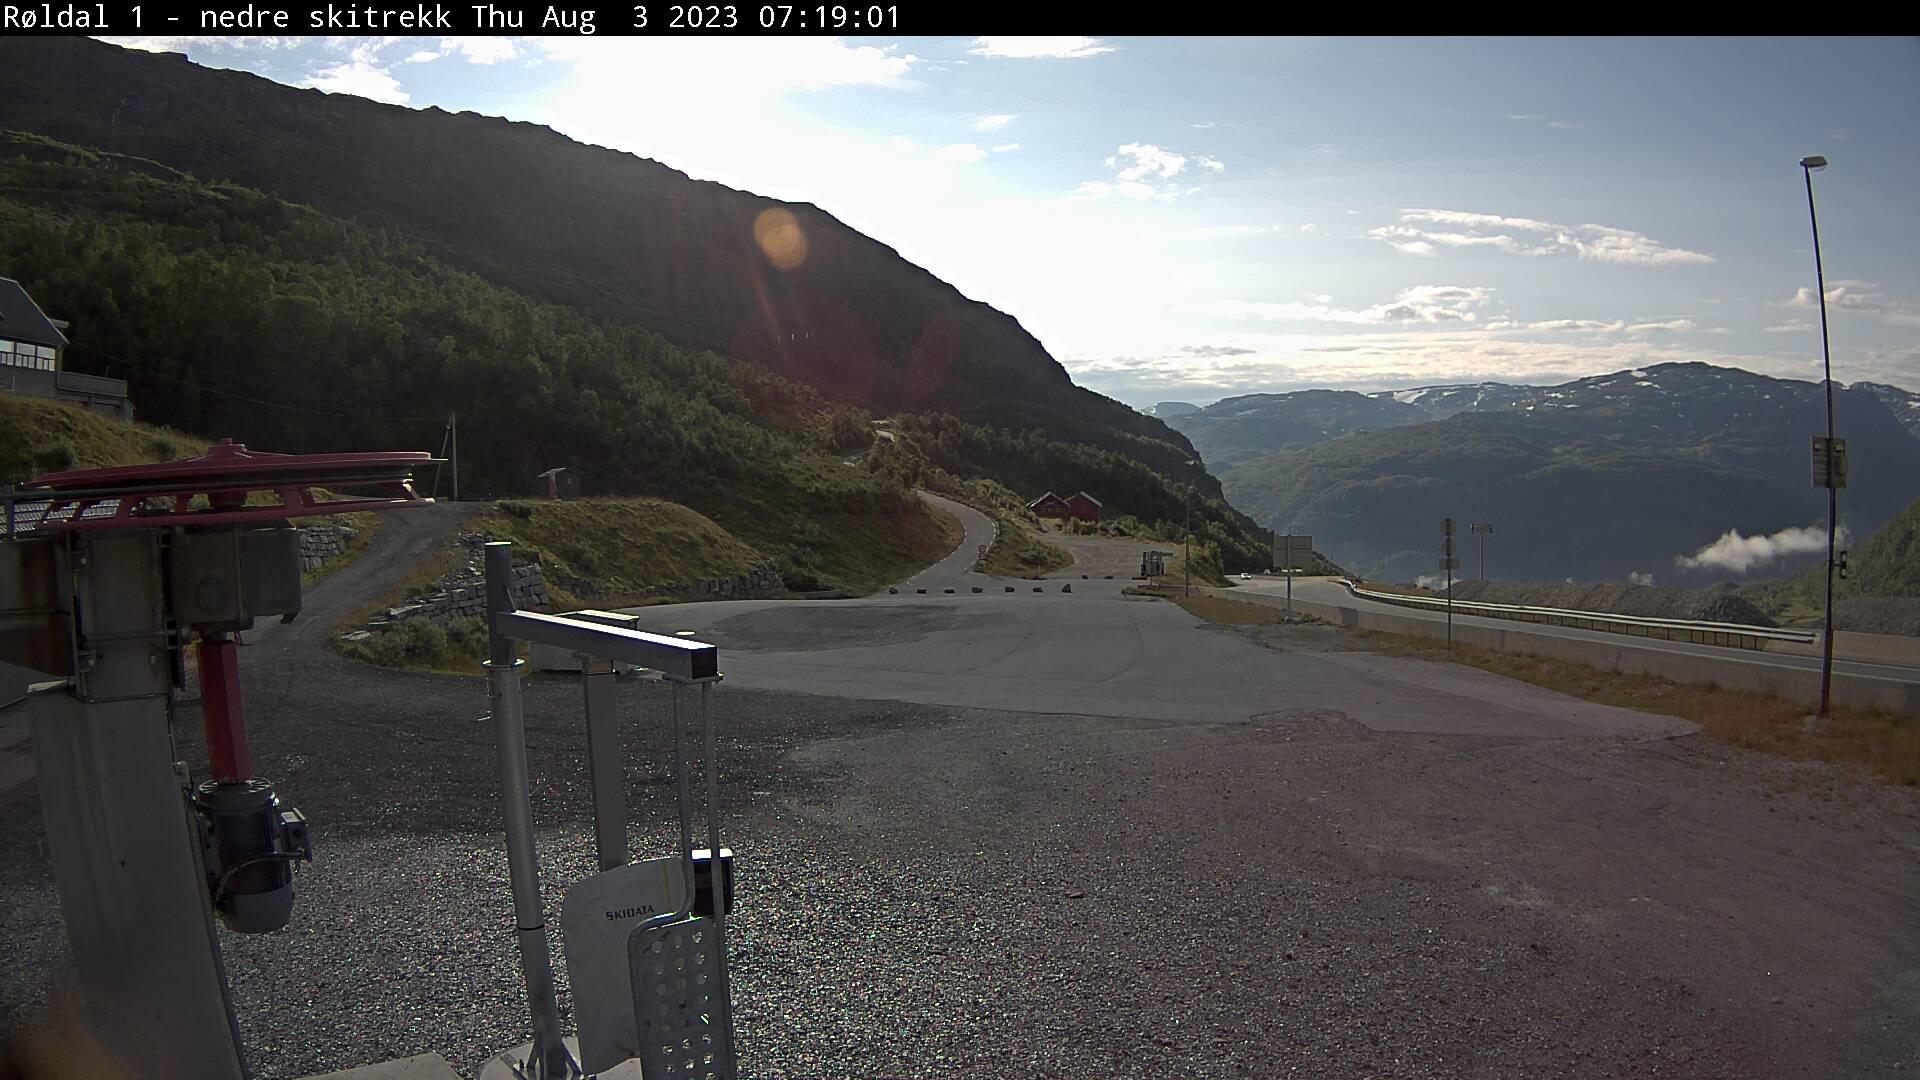 Webkamera Røldal Skisenter parkering